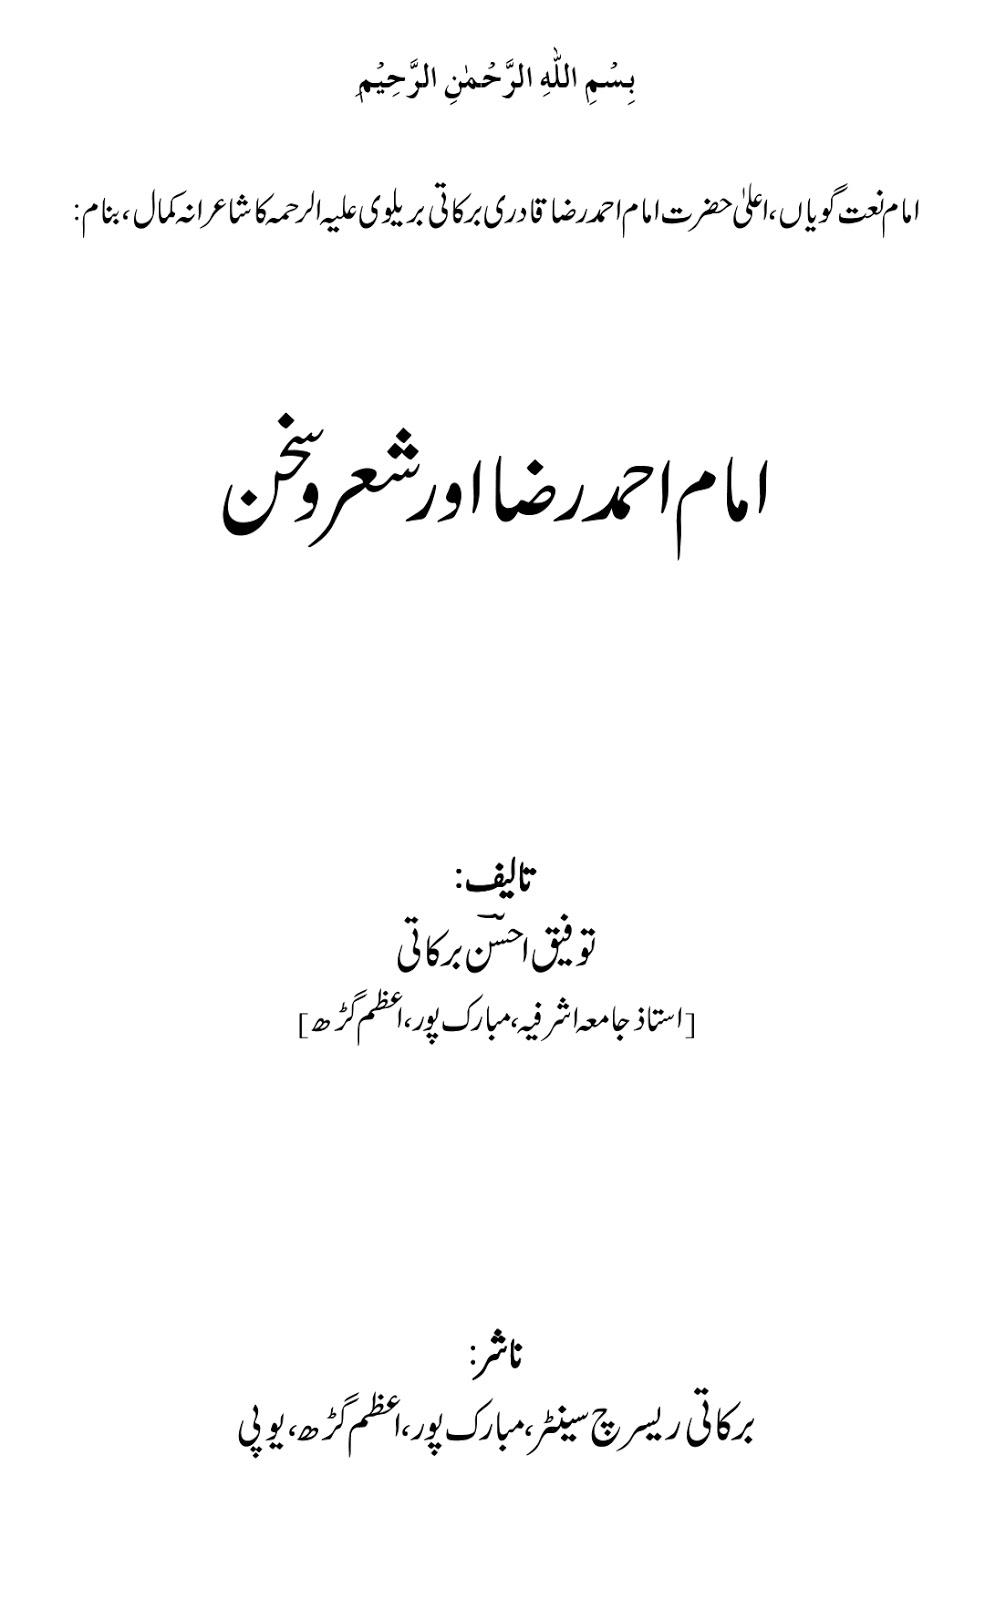 https://archive.org/download/imamahmadrazaawrsherwosukhan/IMAM%20AHMAD%20RAZA%20%26%20SHAERI.pdf